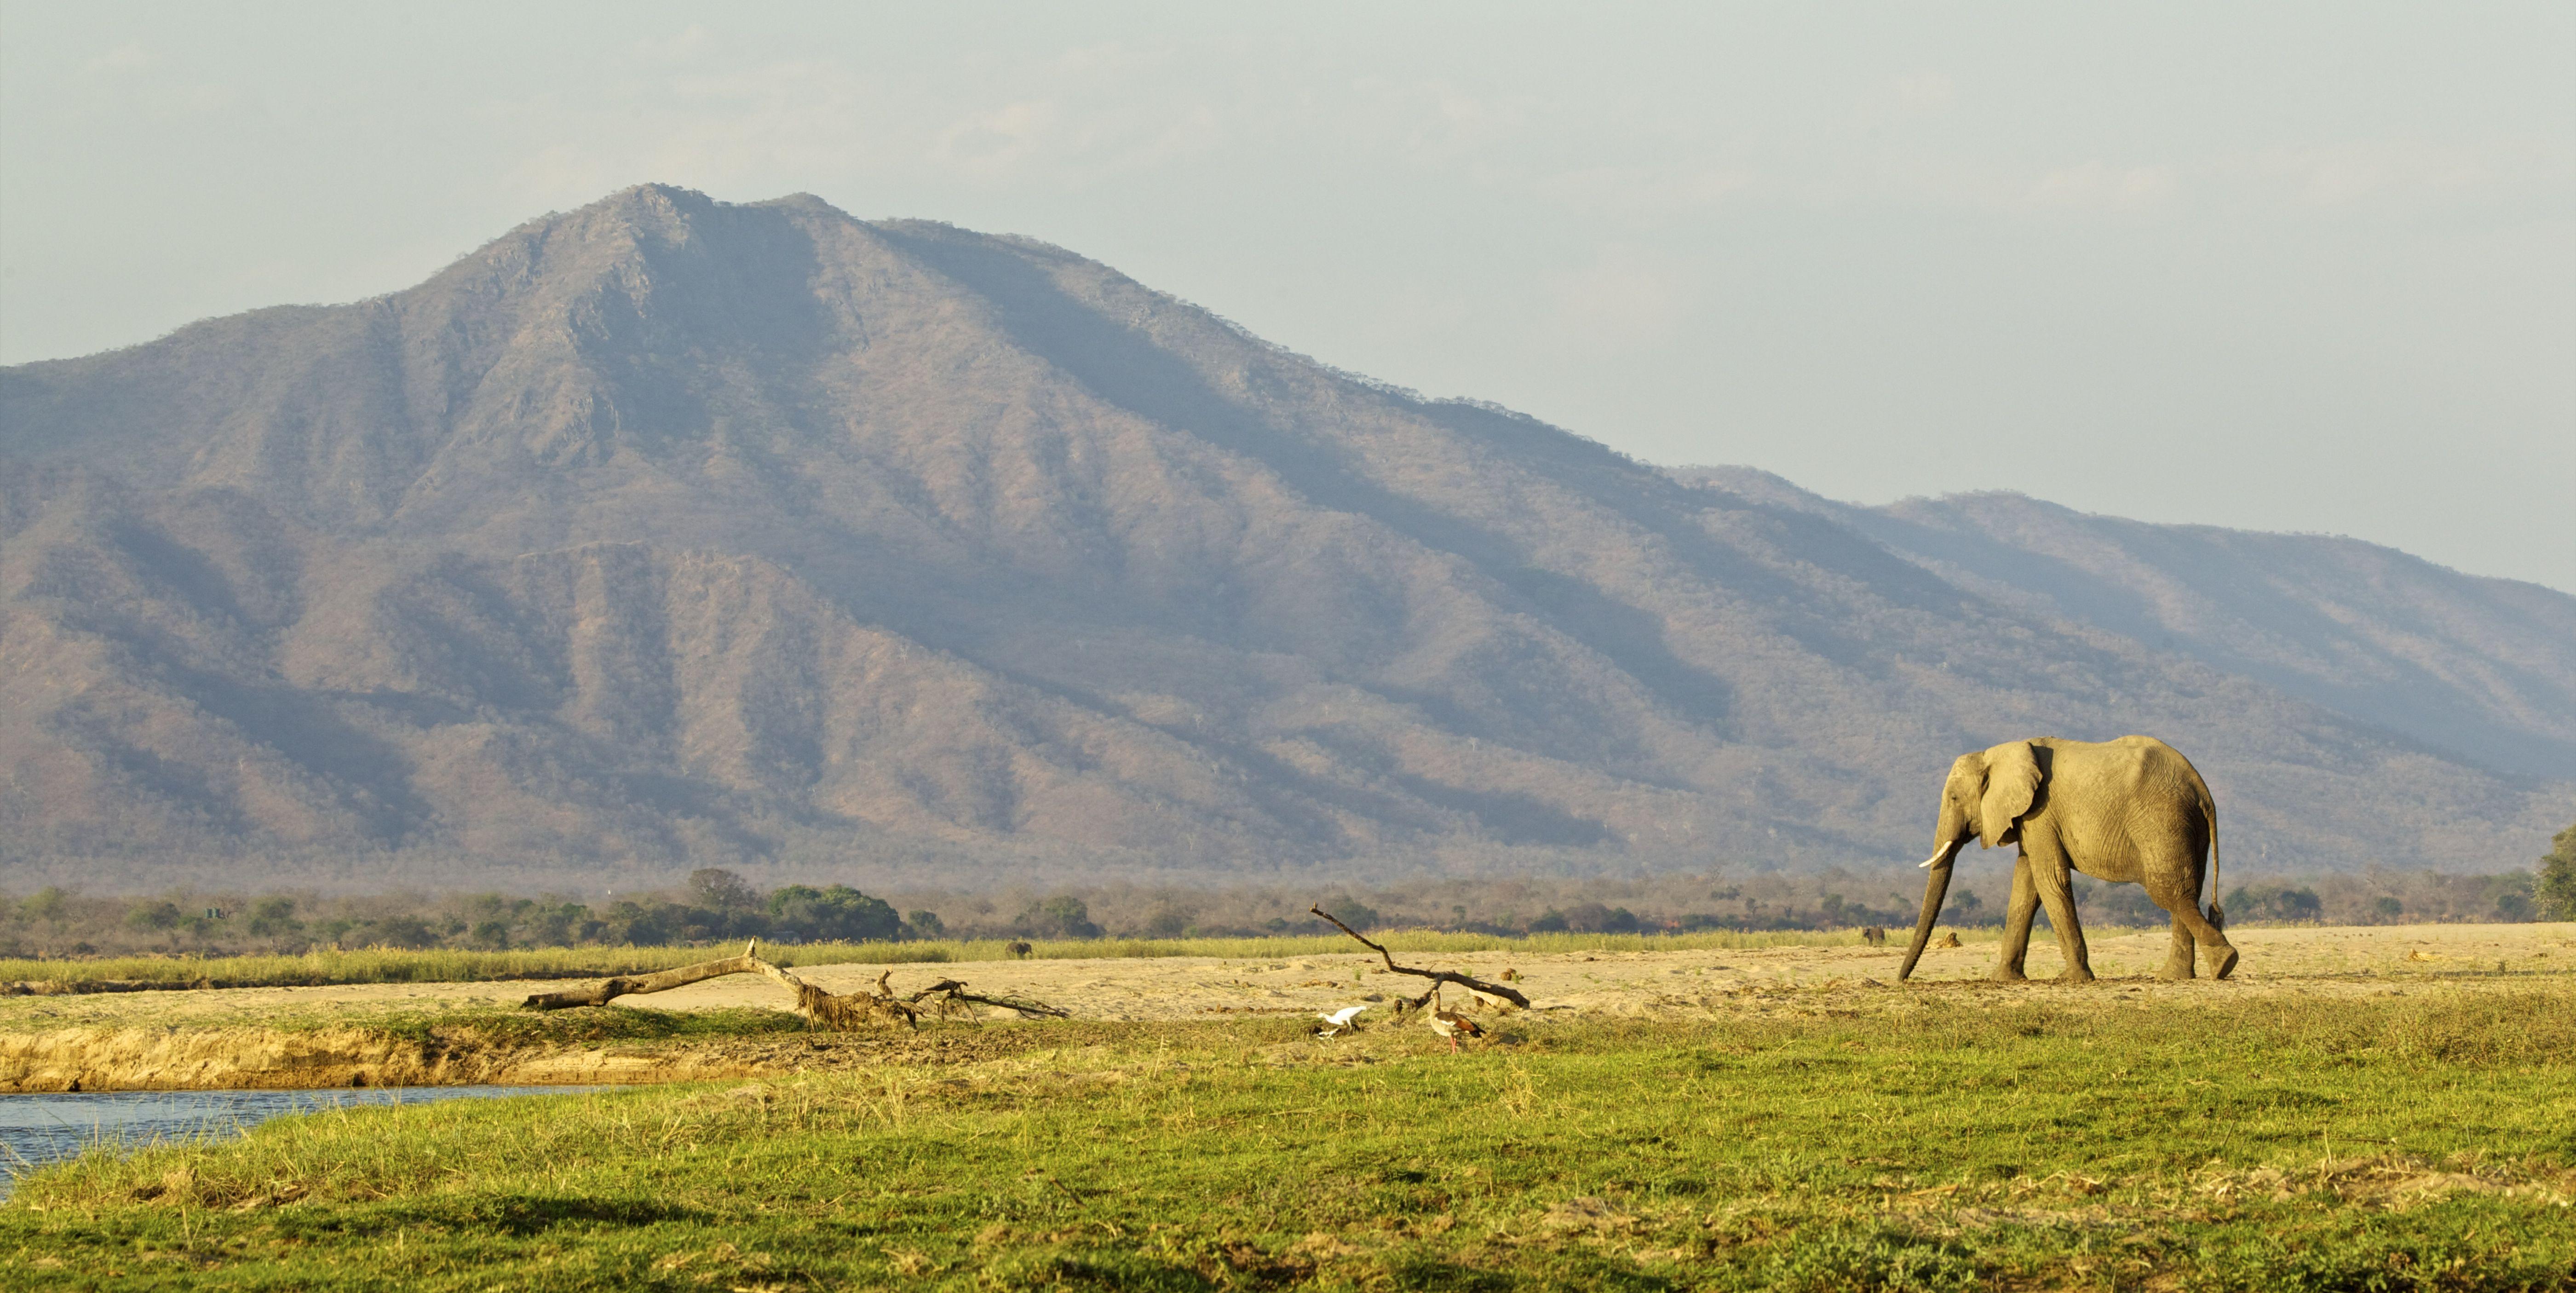 Elephant walking across plain, Mana Pools national park, Zimbabwe, Africa